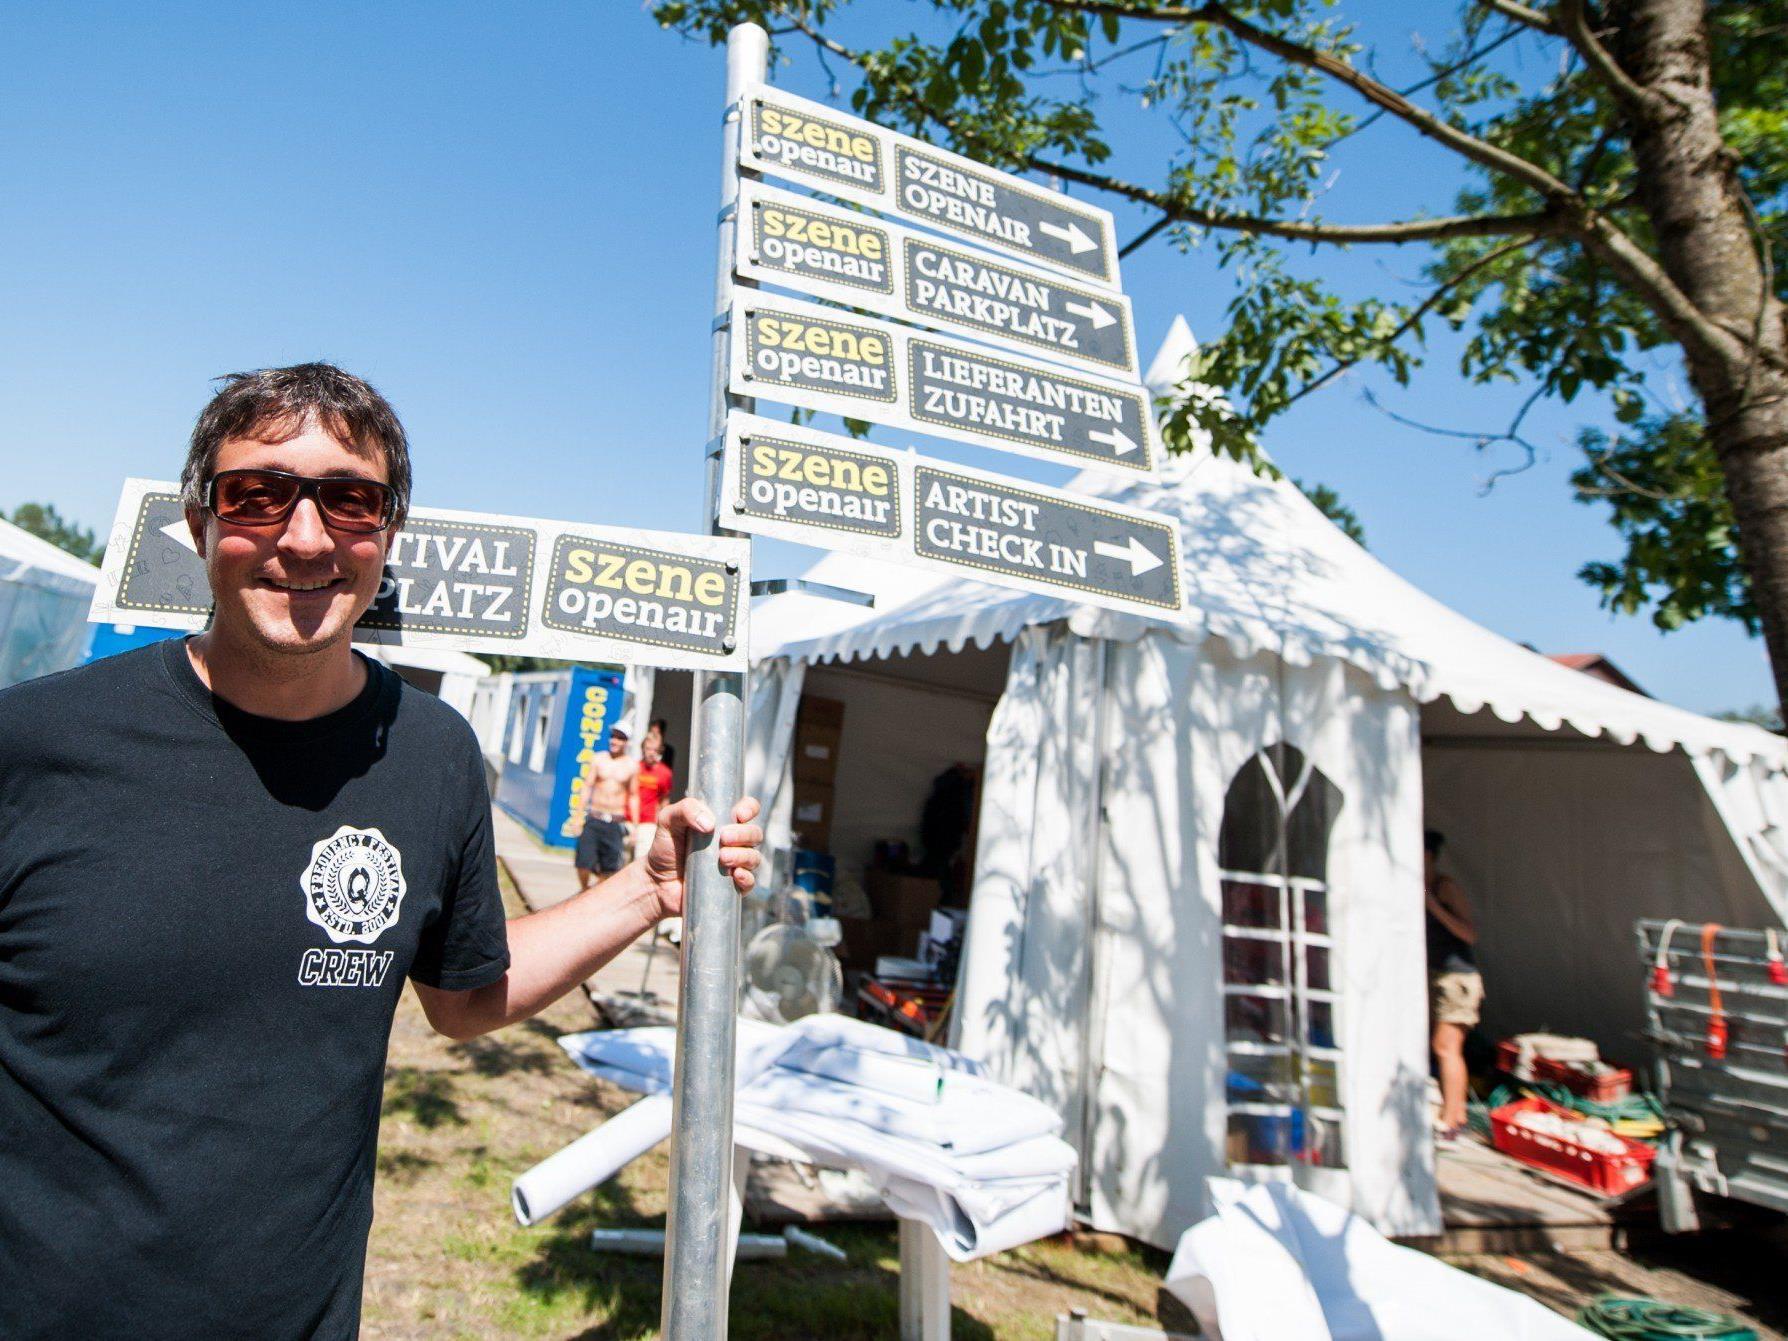 Veranstalter Hannes Hagen hofft wieder auf schönes Wetter beim Openair. Nächste Woche beginnen die Aufbauarbeiten. (Archivfoto)